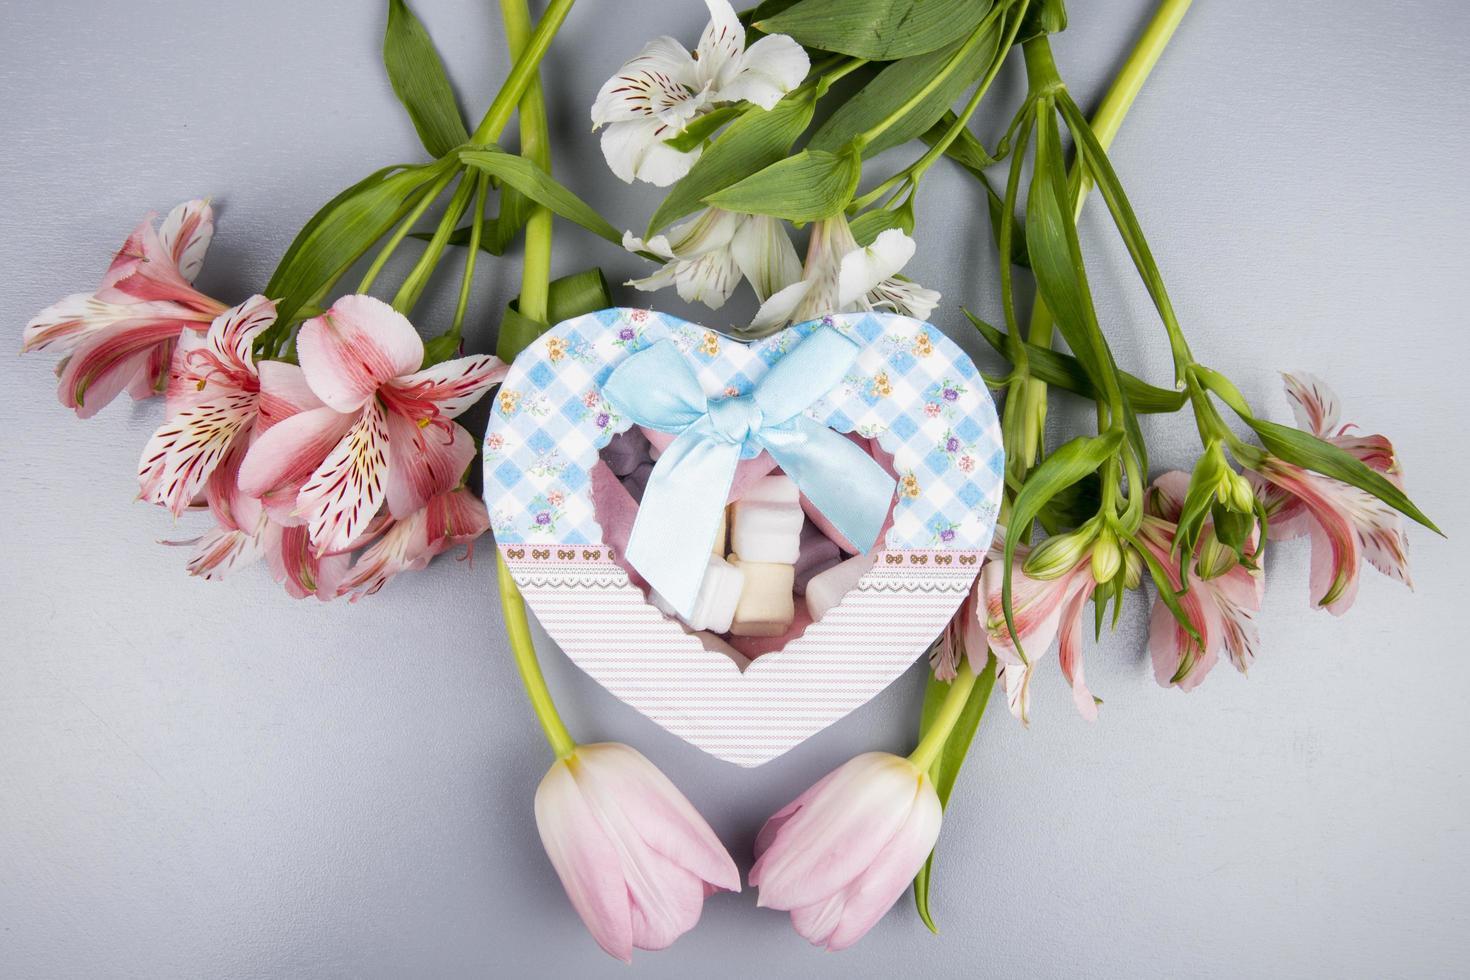 bovenaanzicht van een hartvormige geschenkdoos tulp bloemen foto